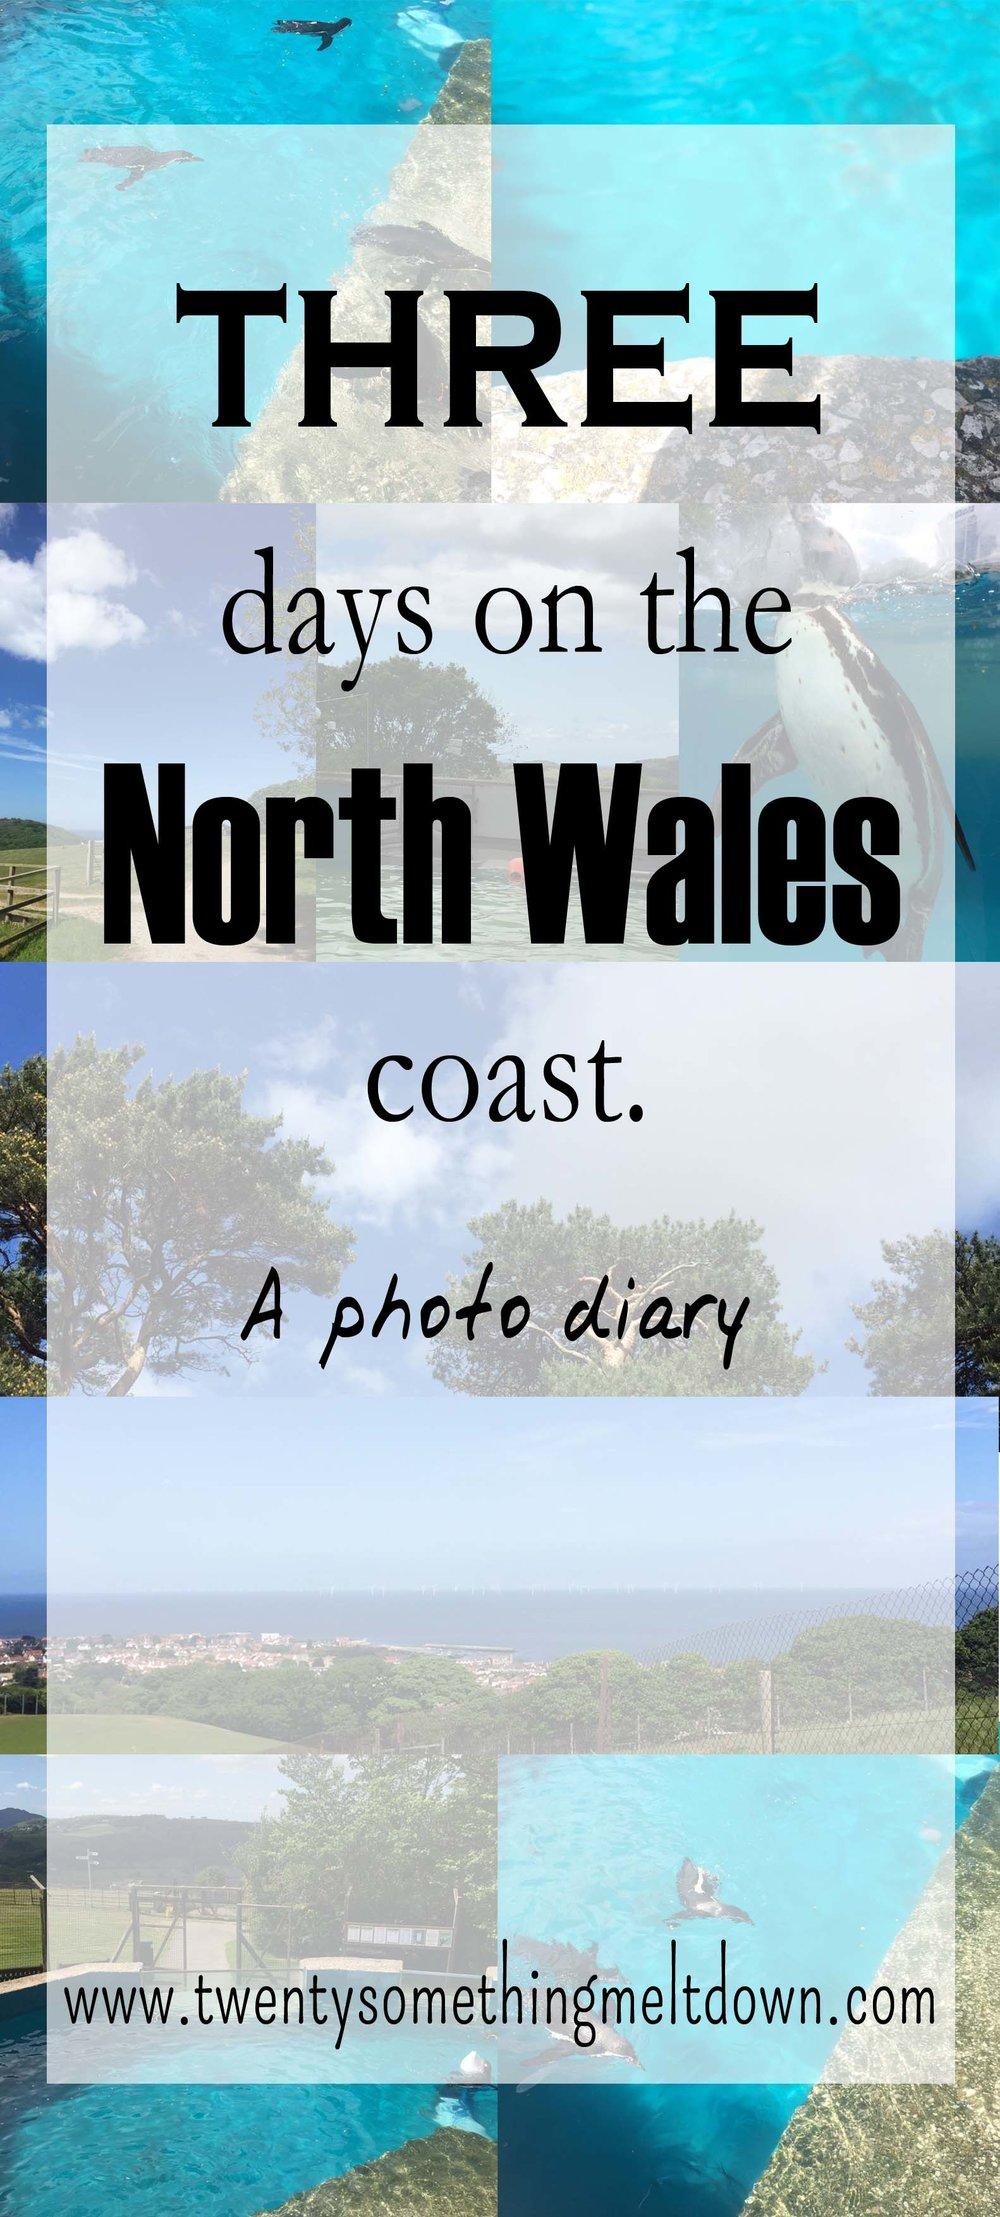 northwalesphotodiary.jpg